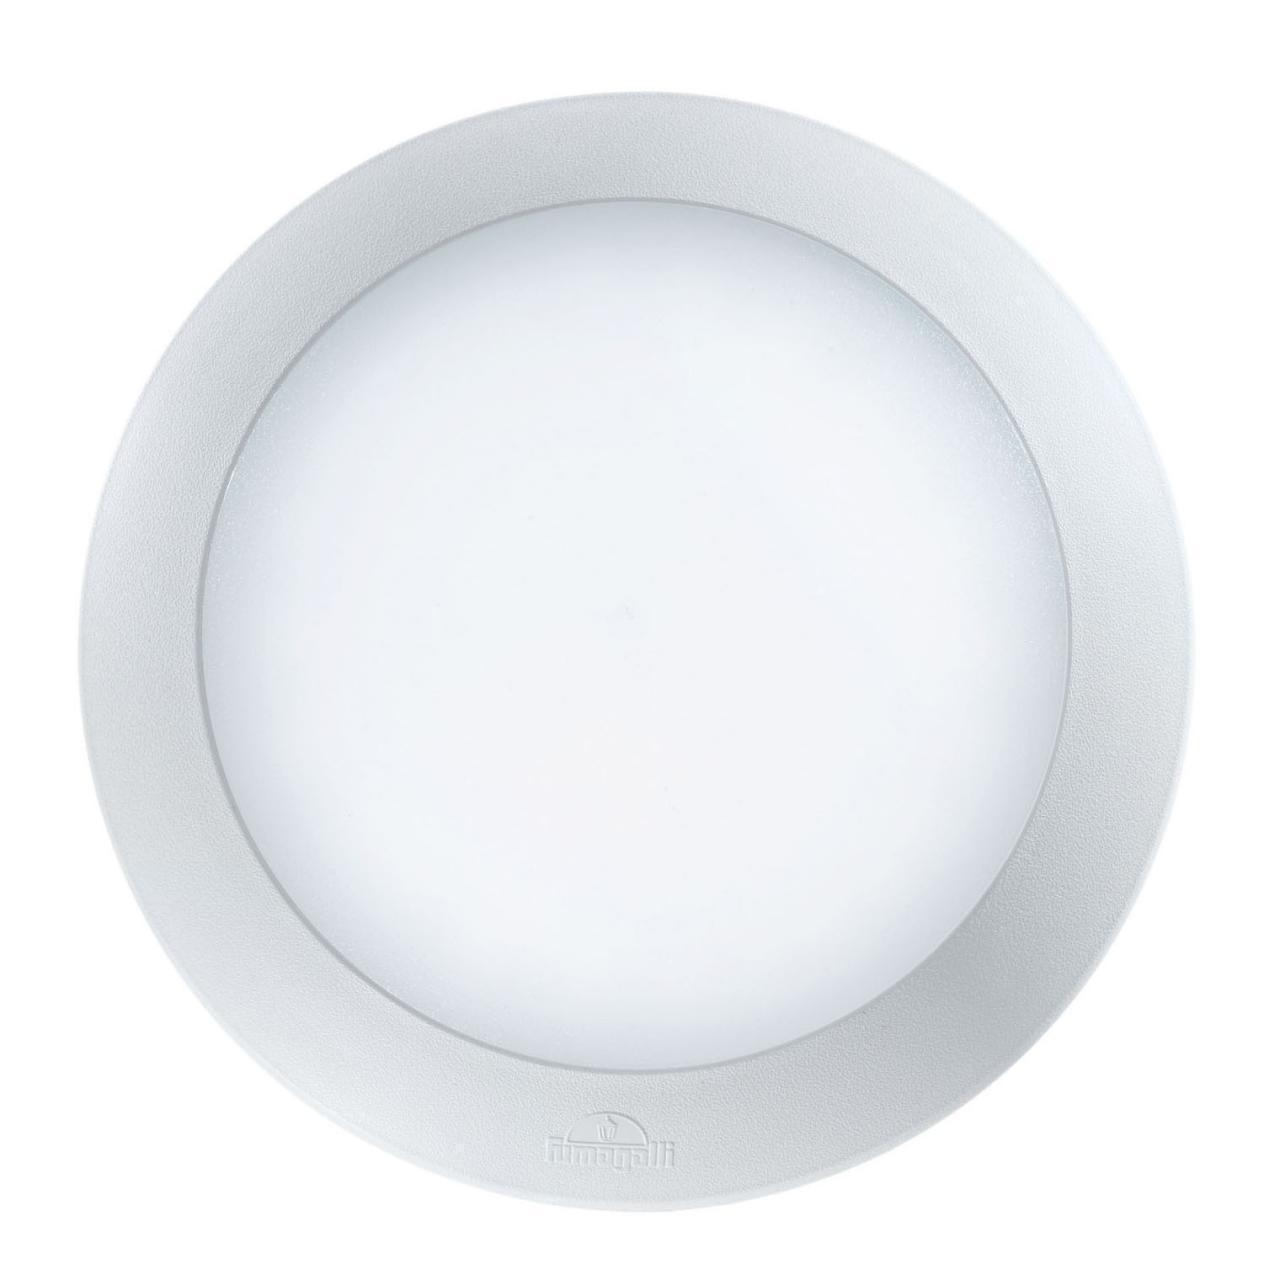 Уличный настенный светодиодный светильник Ideal Lux Berta AP1 Medium Bianco ideal lux уличный настенный светодиодный светильник ideal lux berta ap1 big grigio